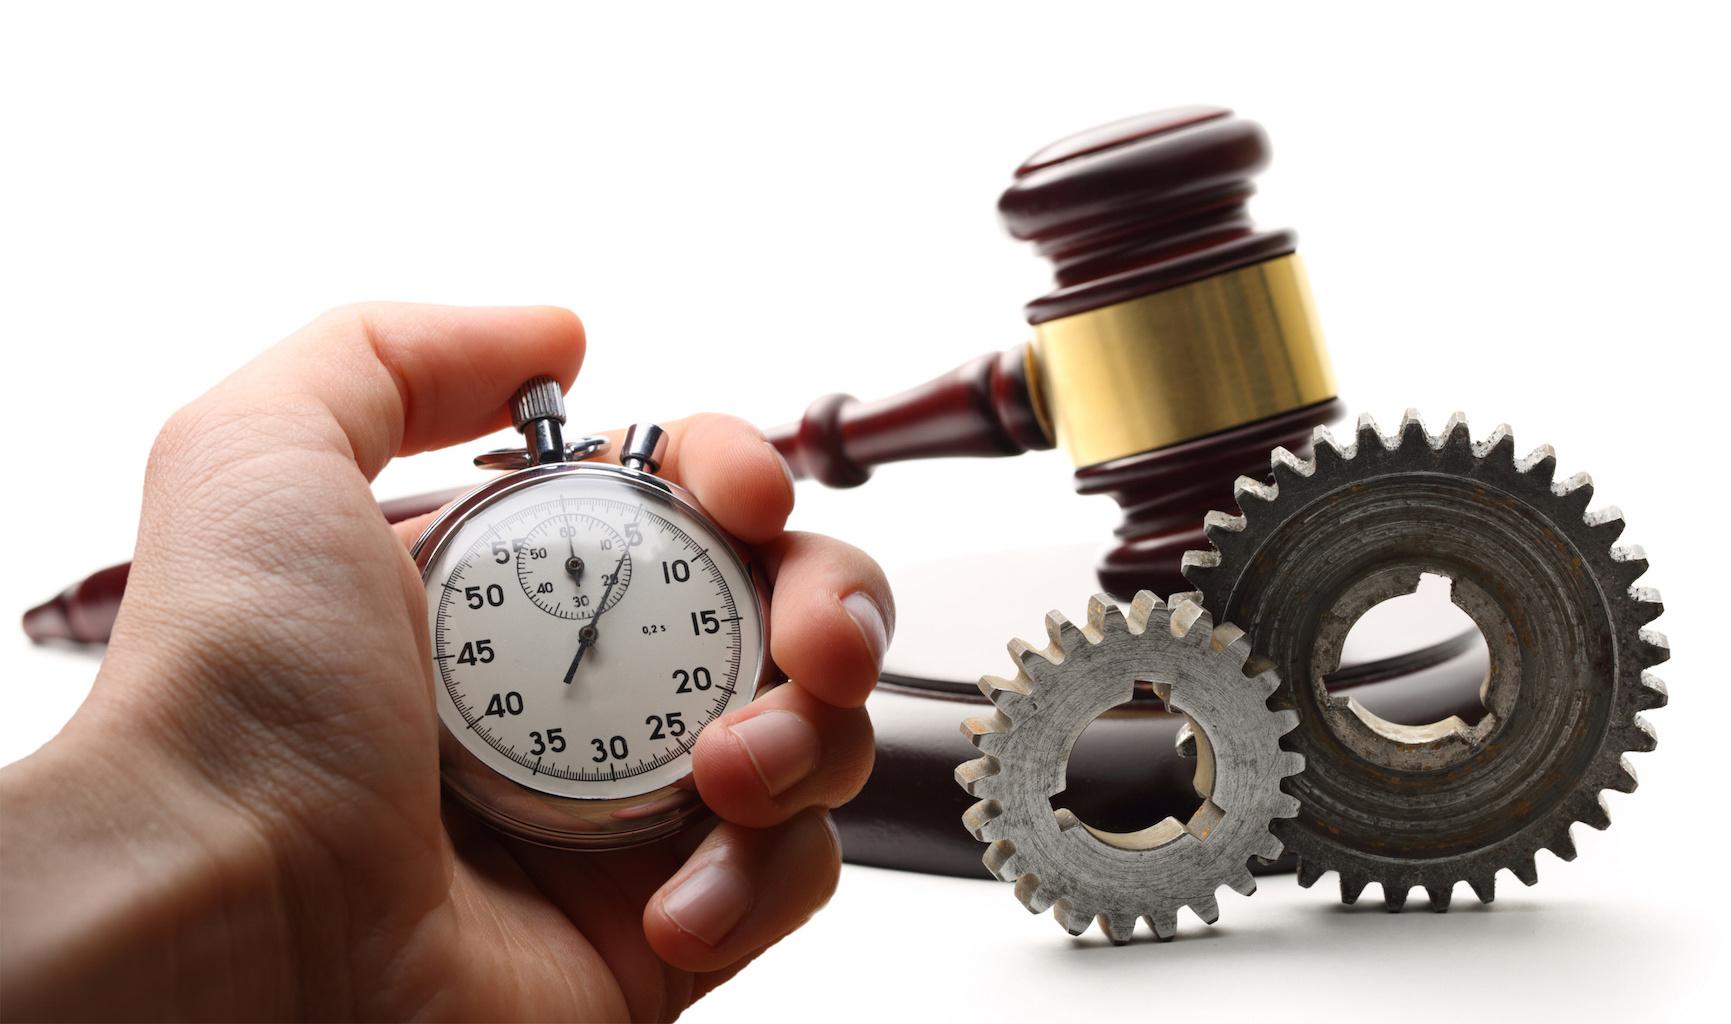 Steel cogwheels, wooden gavel and stopwatch in hand